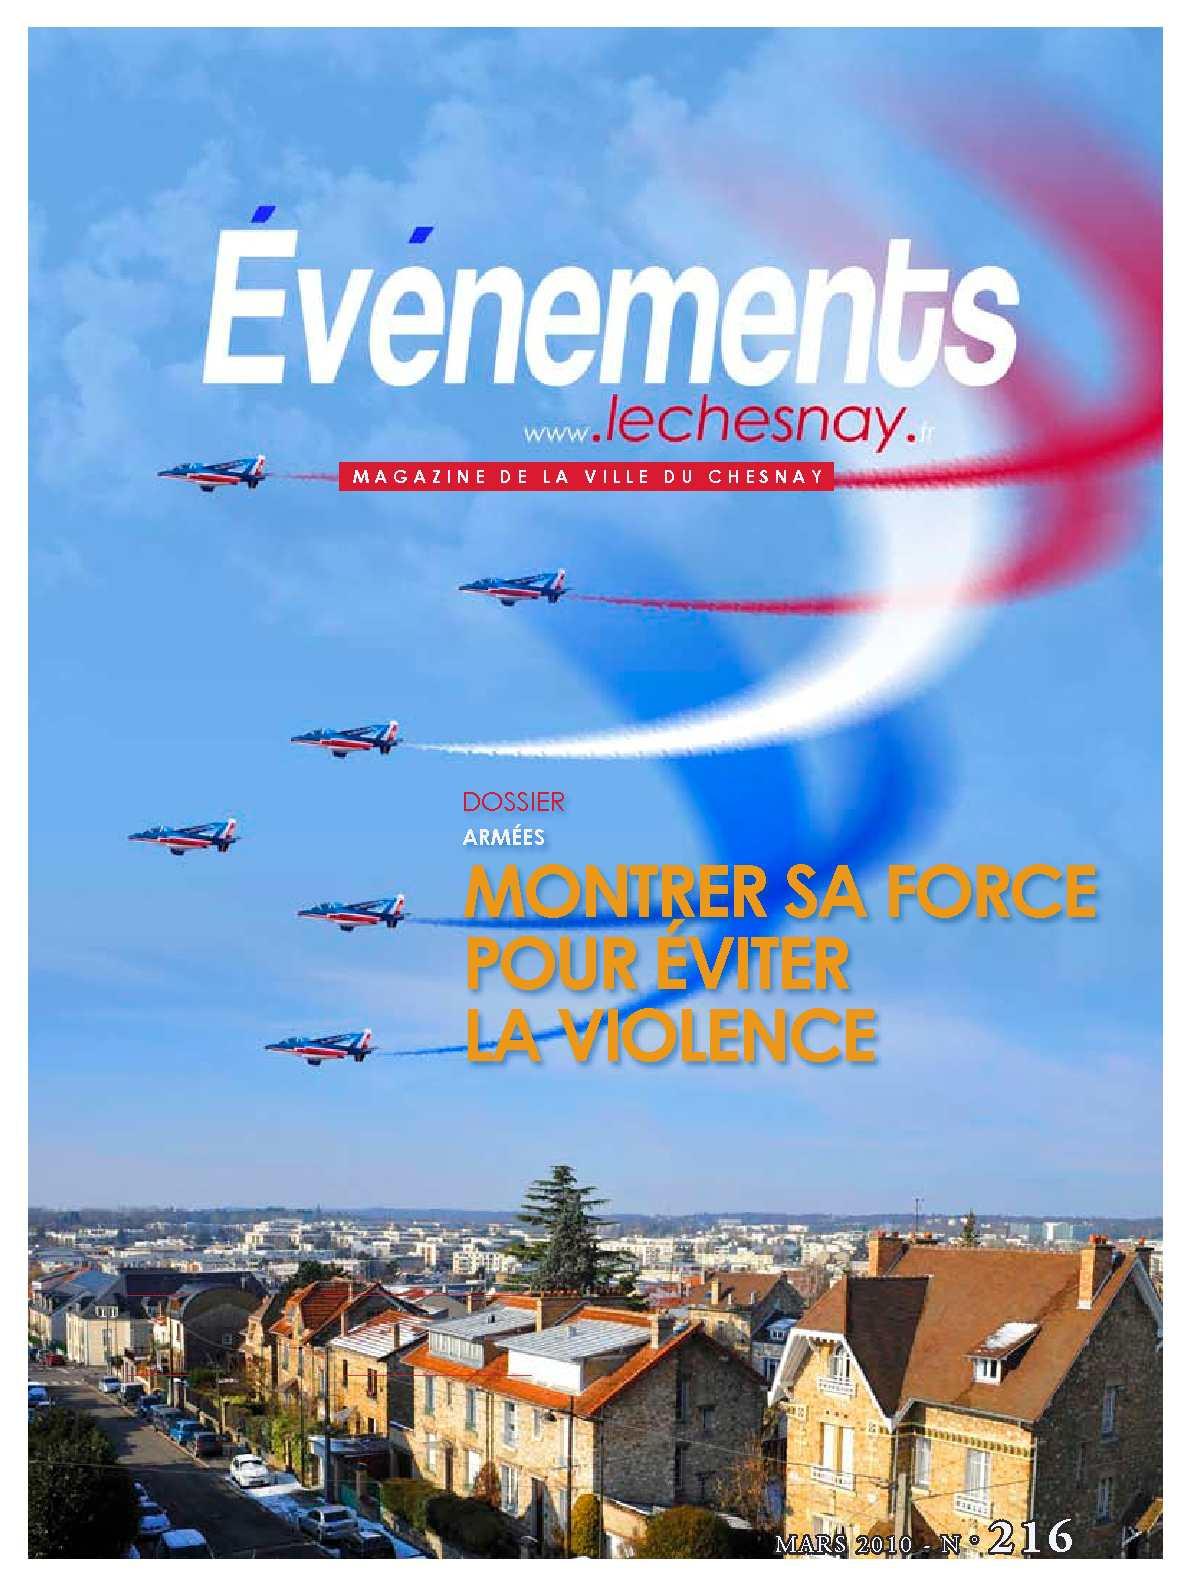 Le Rendez Vous Enchanté Le Chesnay calaméo - evènements n° 216